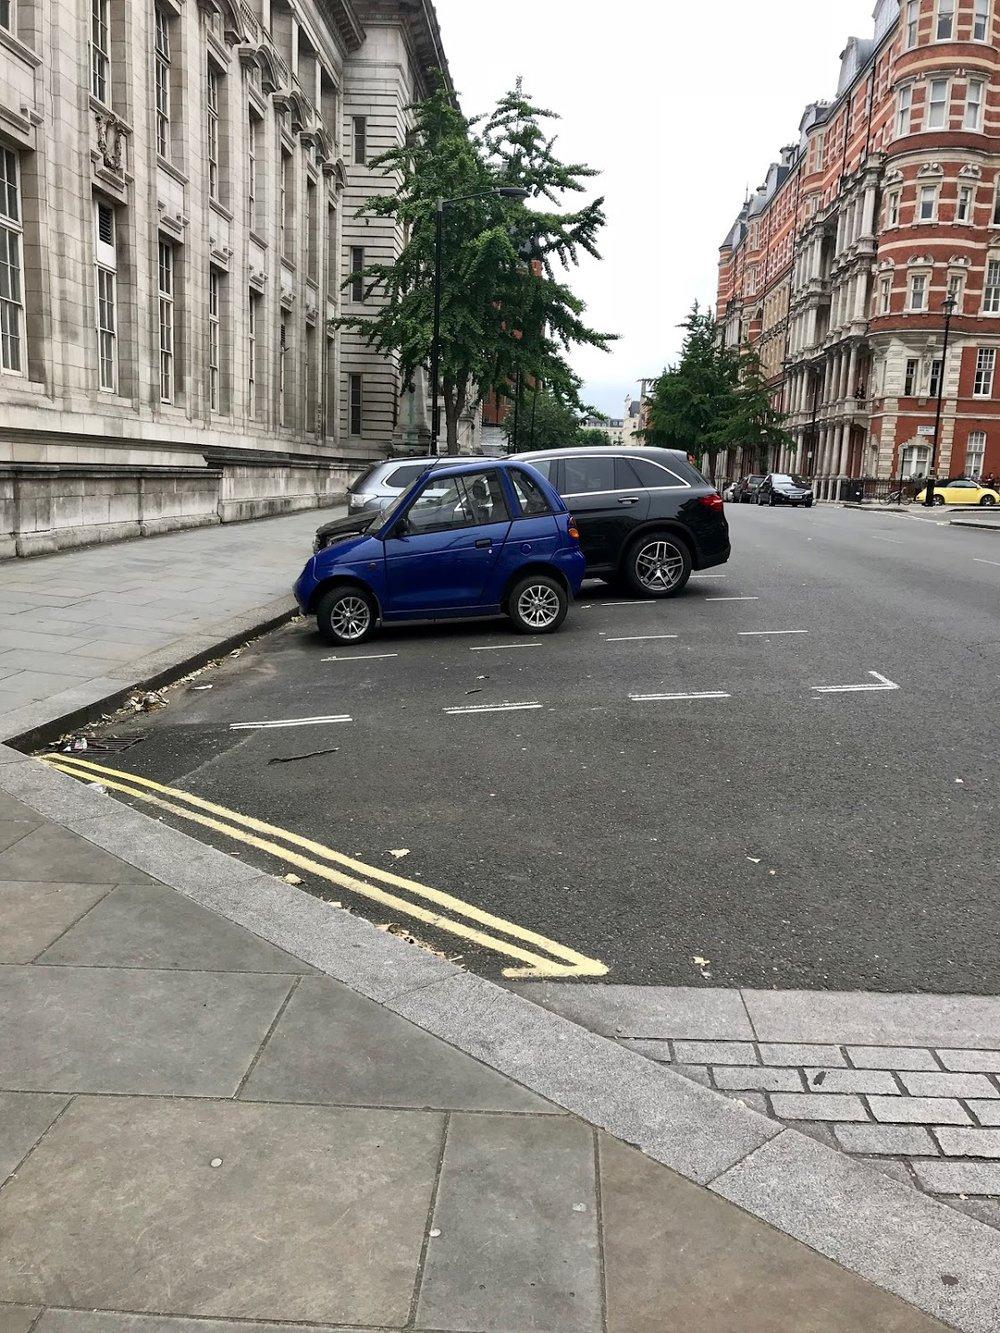 tiny car london.jpg